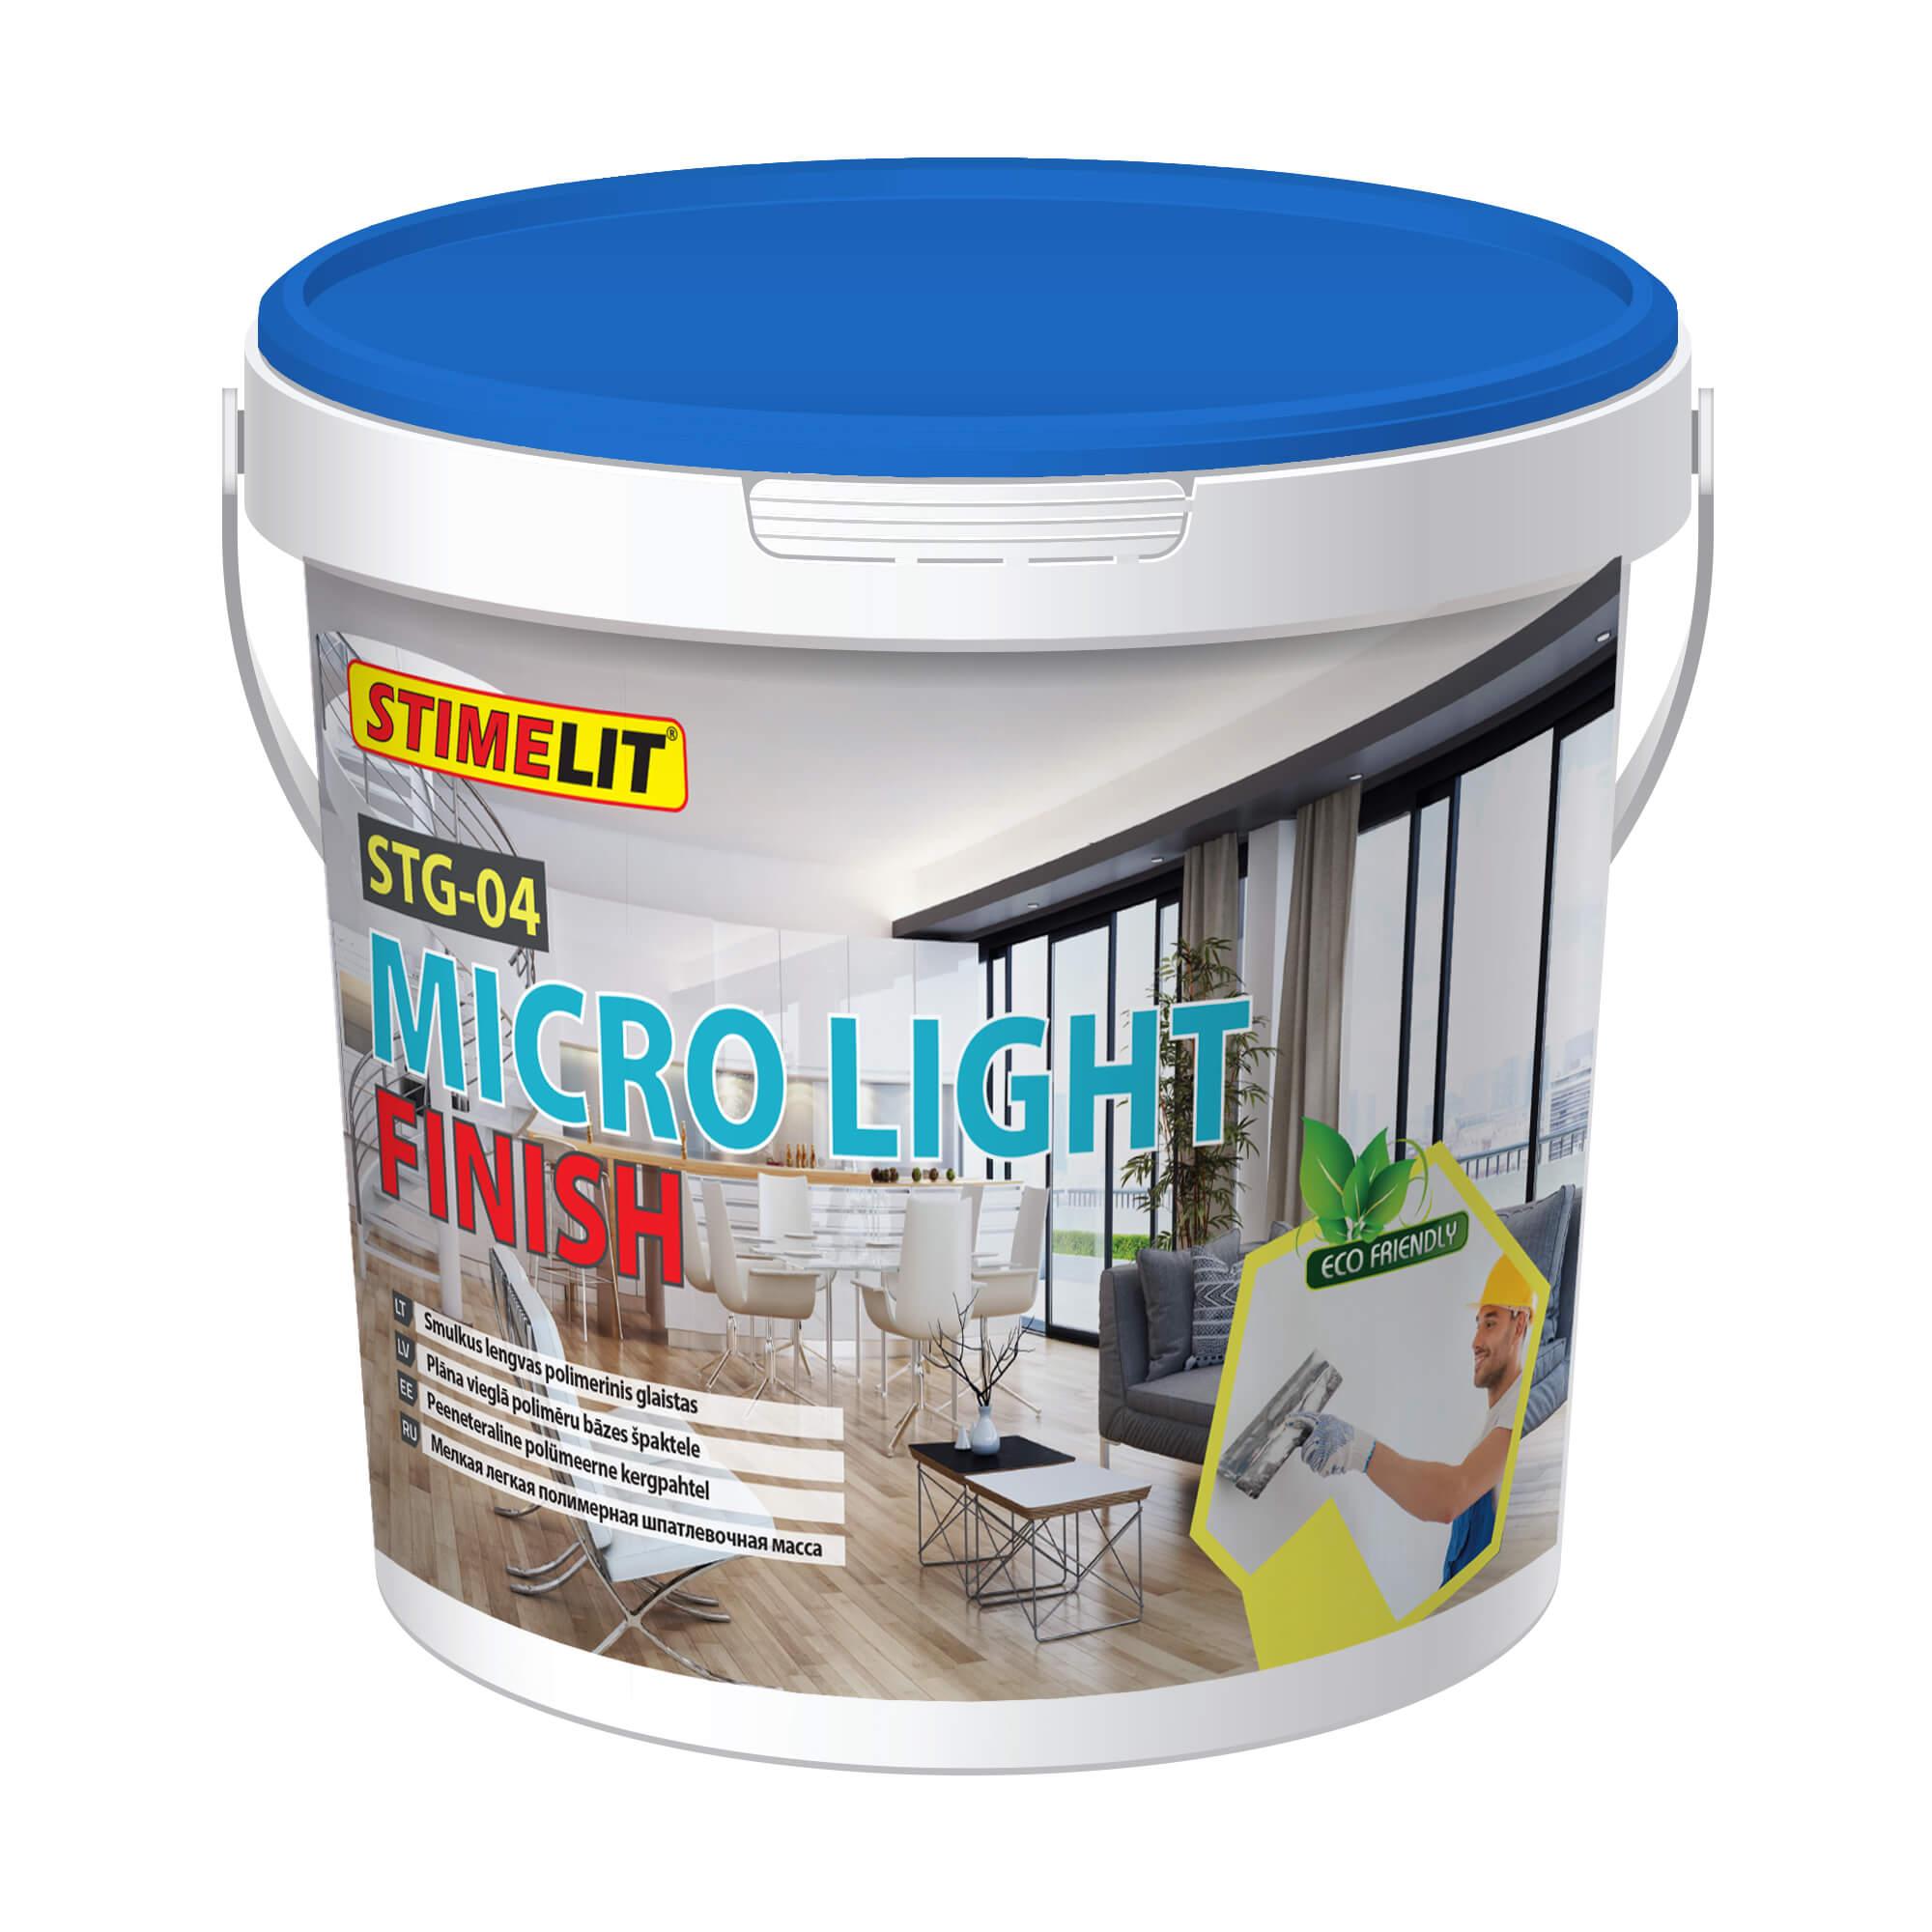 STG-04 MICRO LIGHT FINISH Smulkus lengvas polimerinis glaistas